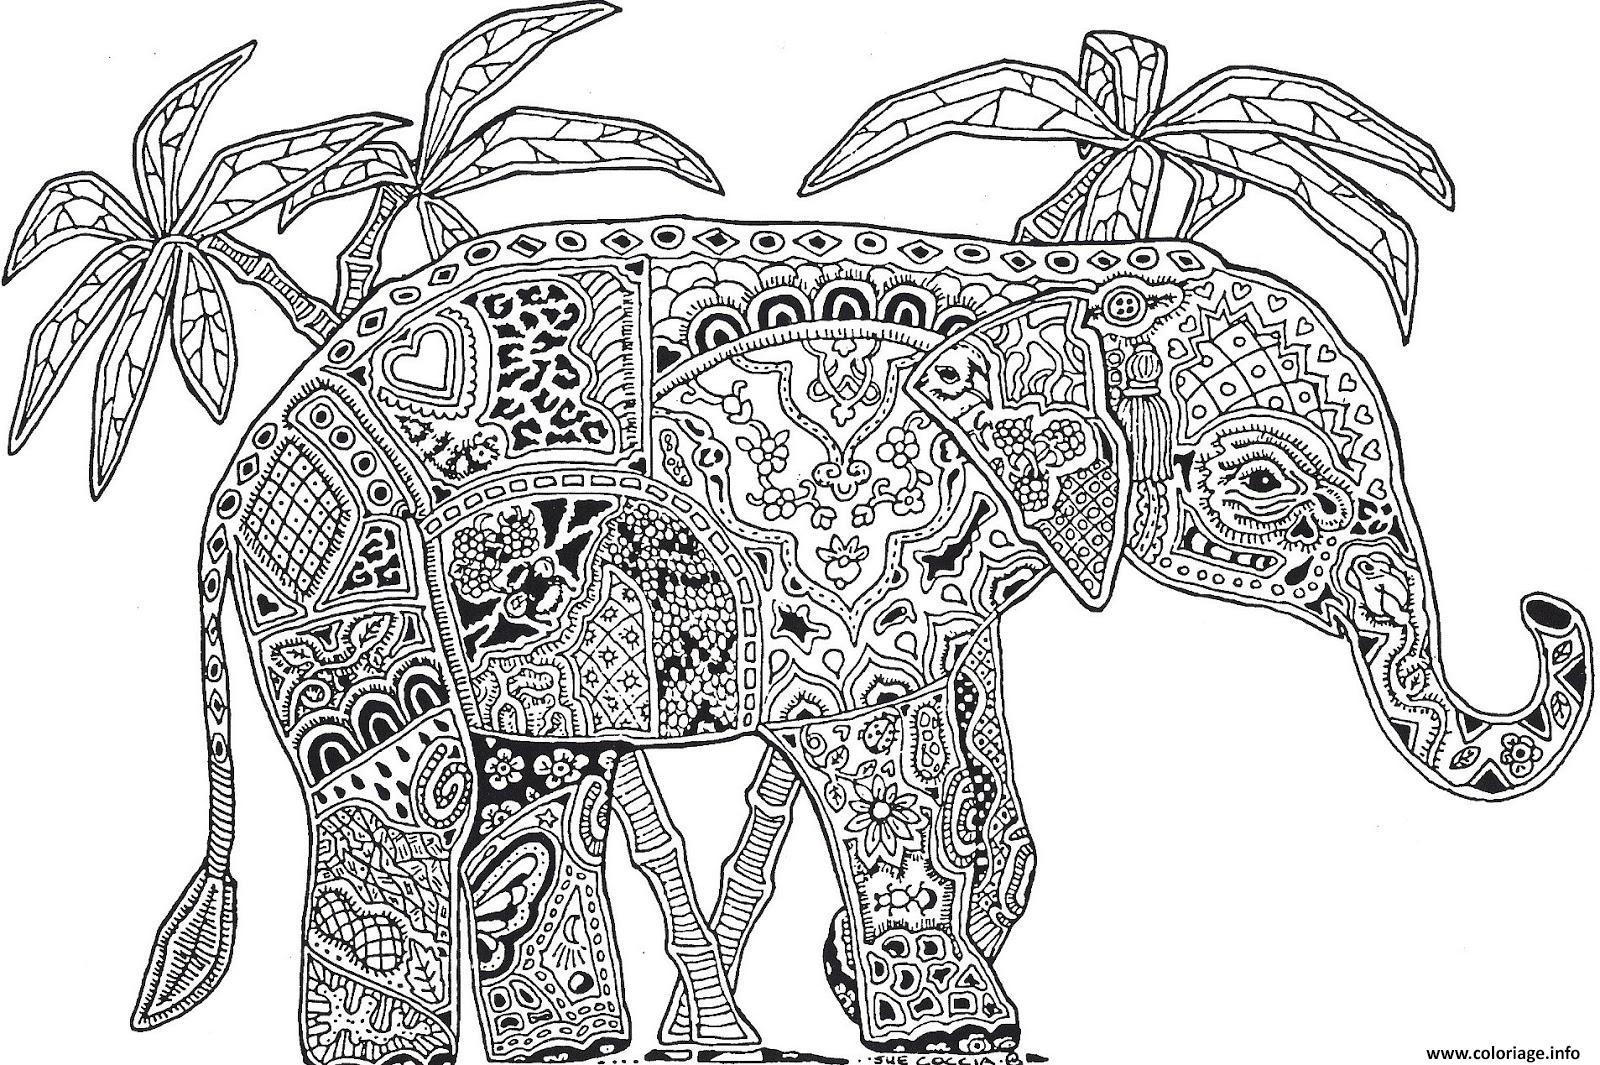 Coloriage A Imprimer Difficile Elephant.Coloriage Adulte Animaux Elephant Difficile Jecolorie Com